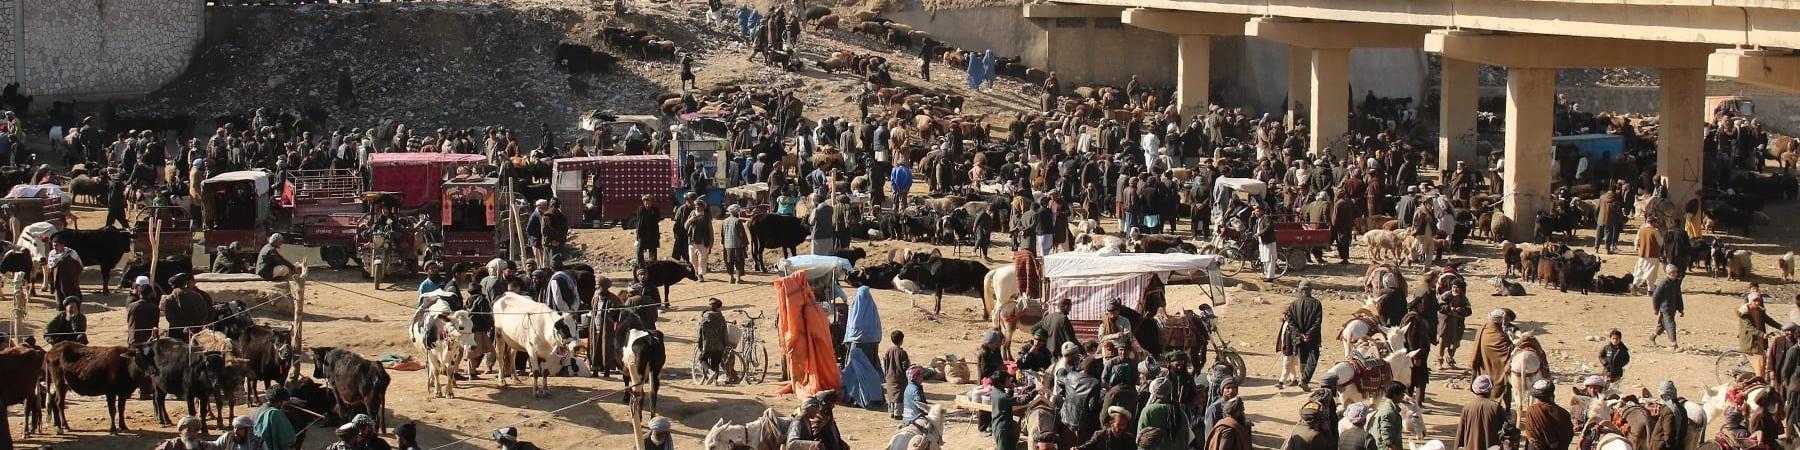 Scena di un mercato in Afghanistan con molte persone inquadrate dall'alto